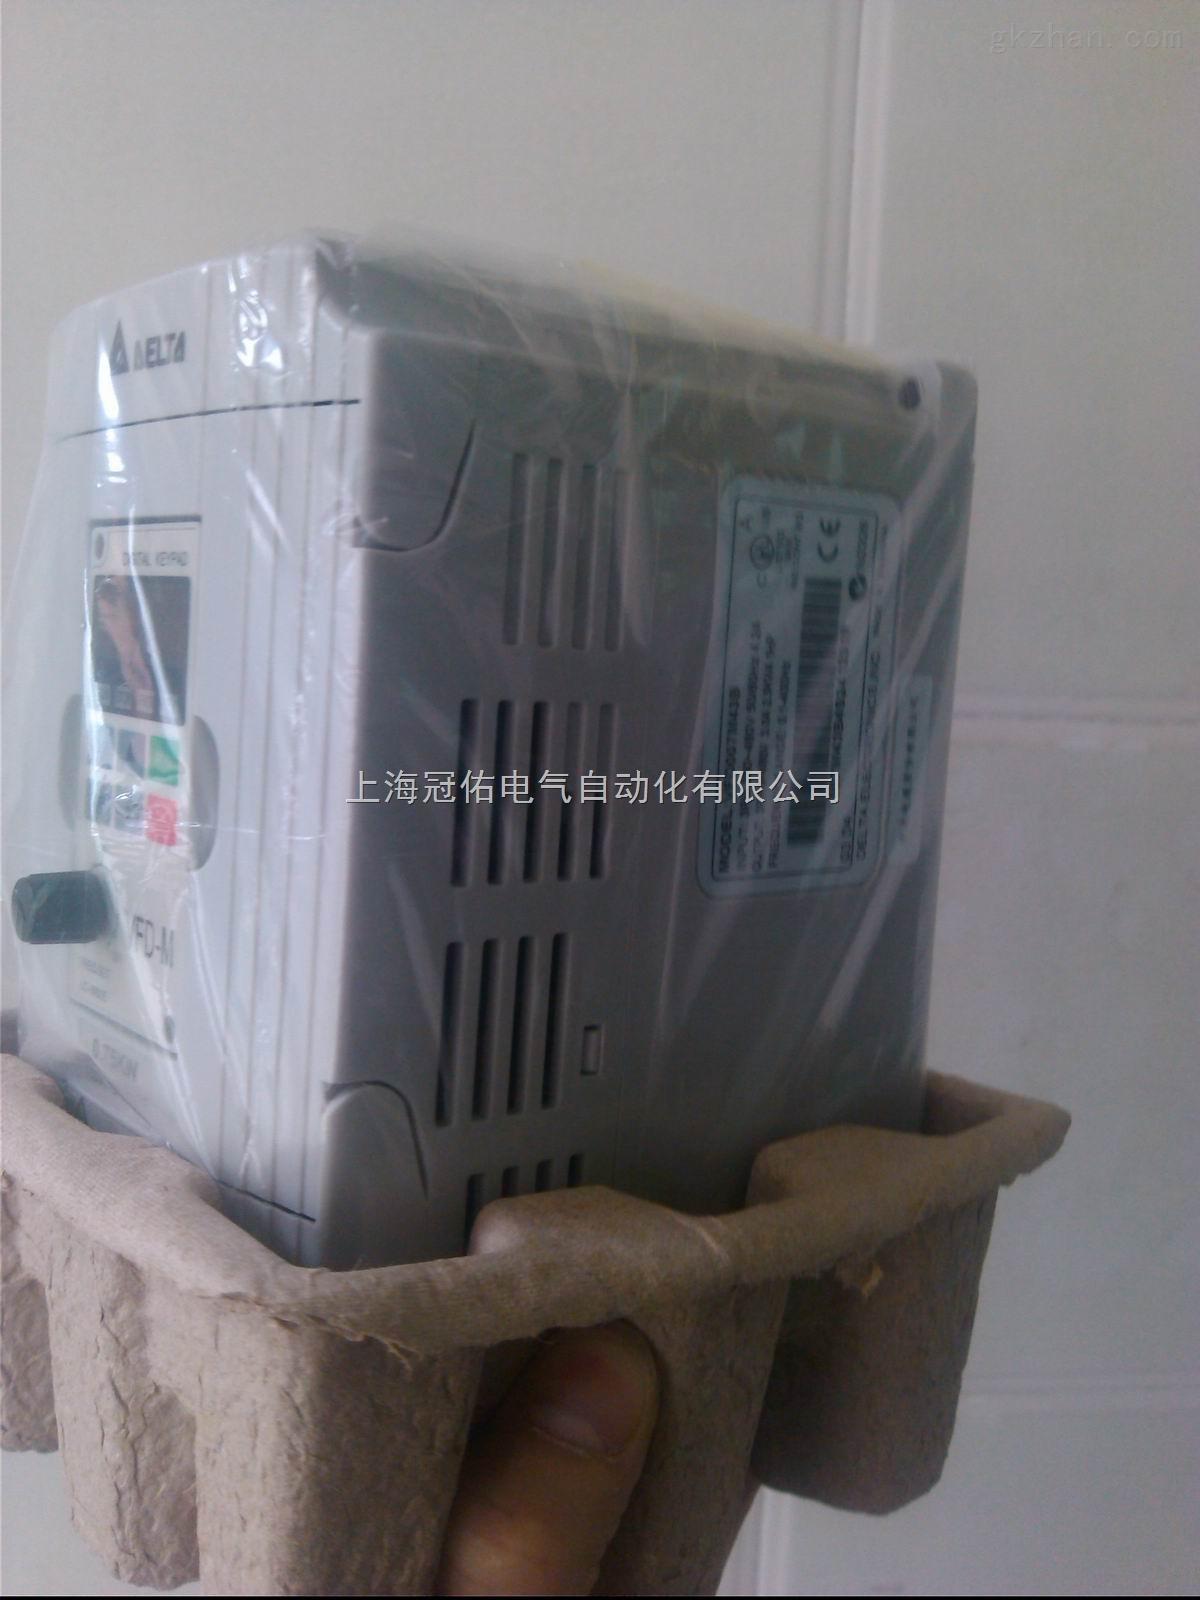 供应全新台达vfd004s43a变频器